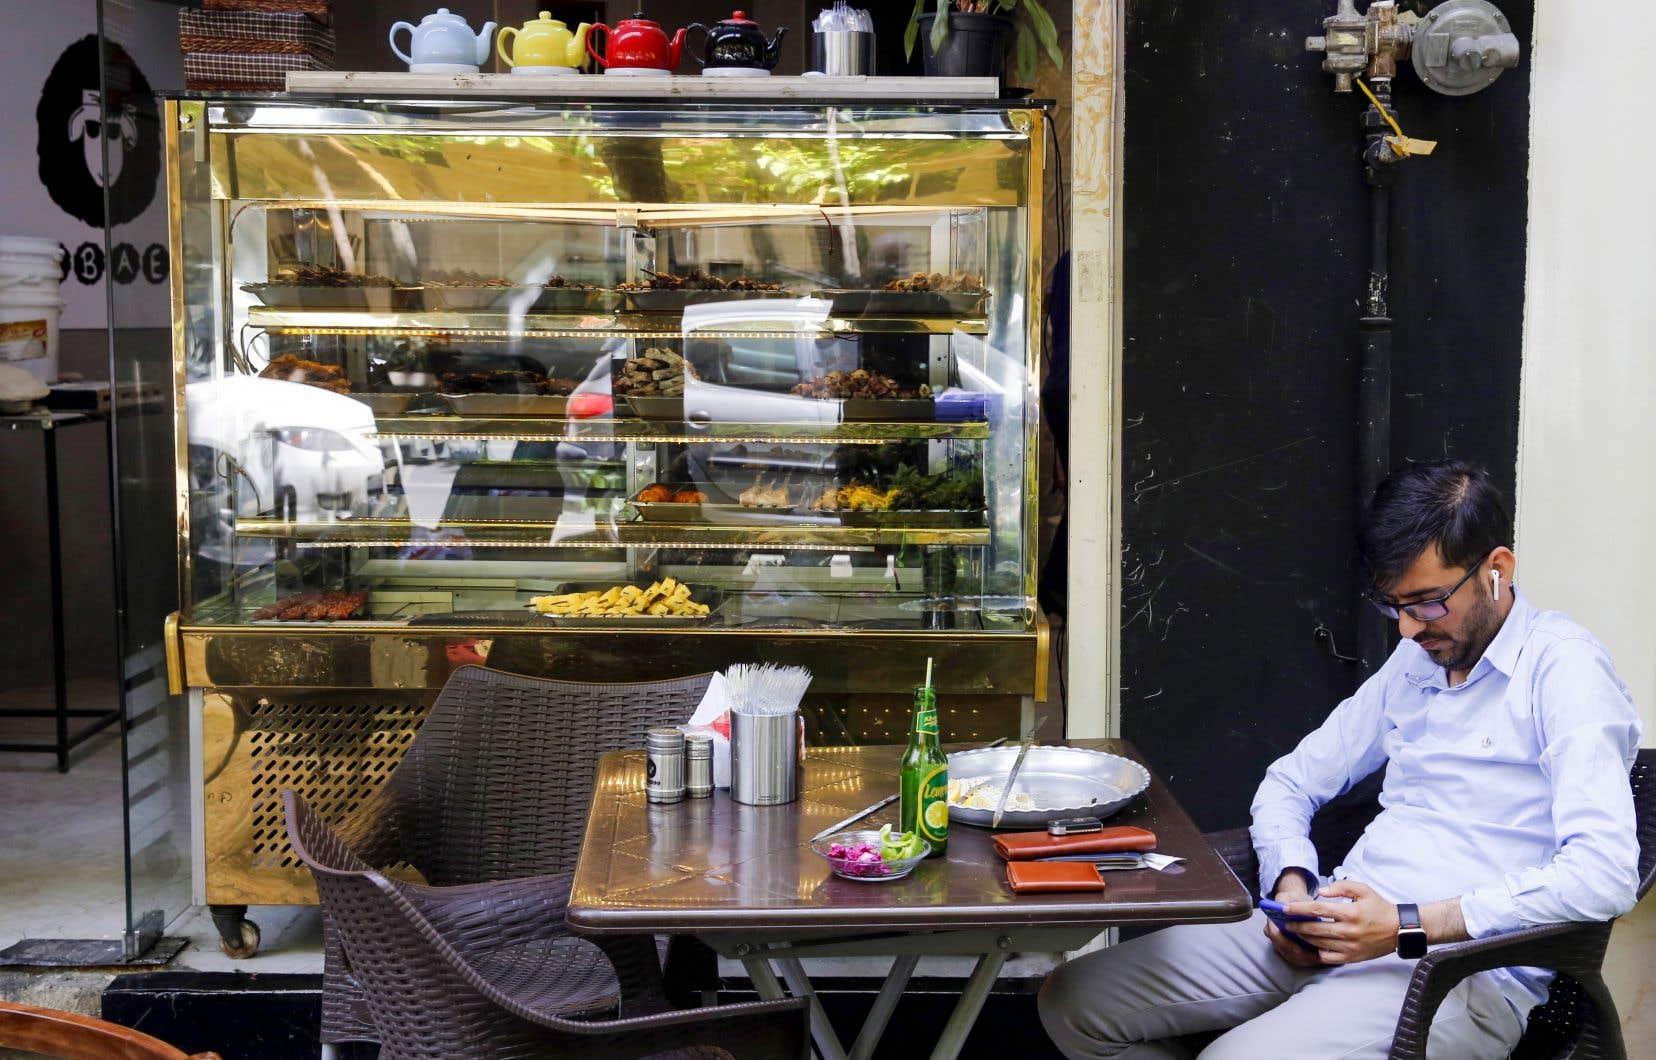 Les restaurants étaient classés parmi les commerces qualifiés à haut risque.